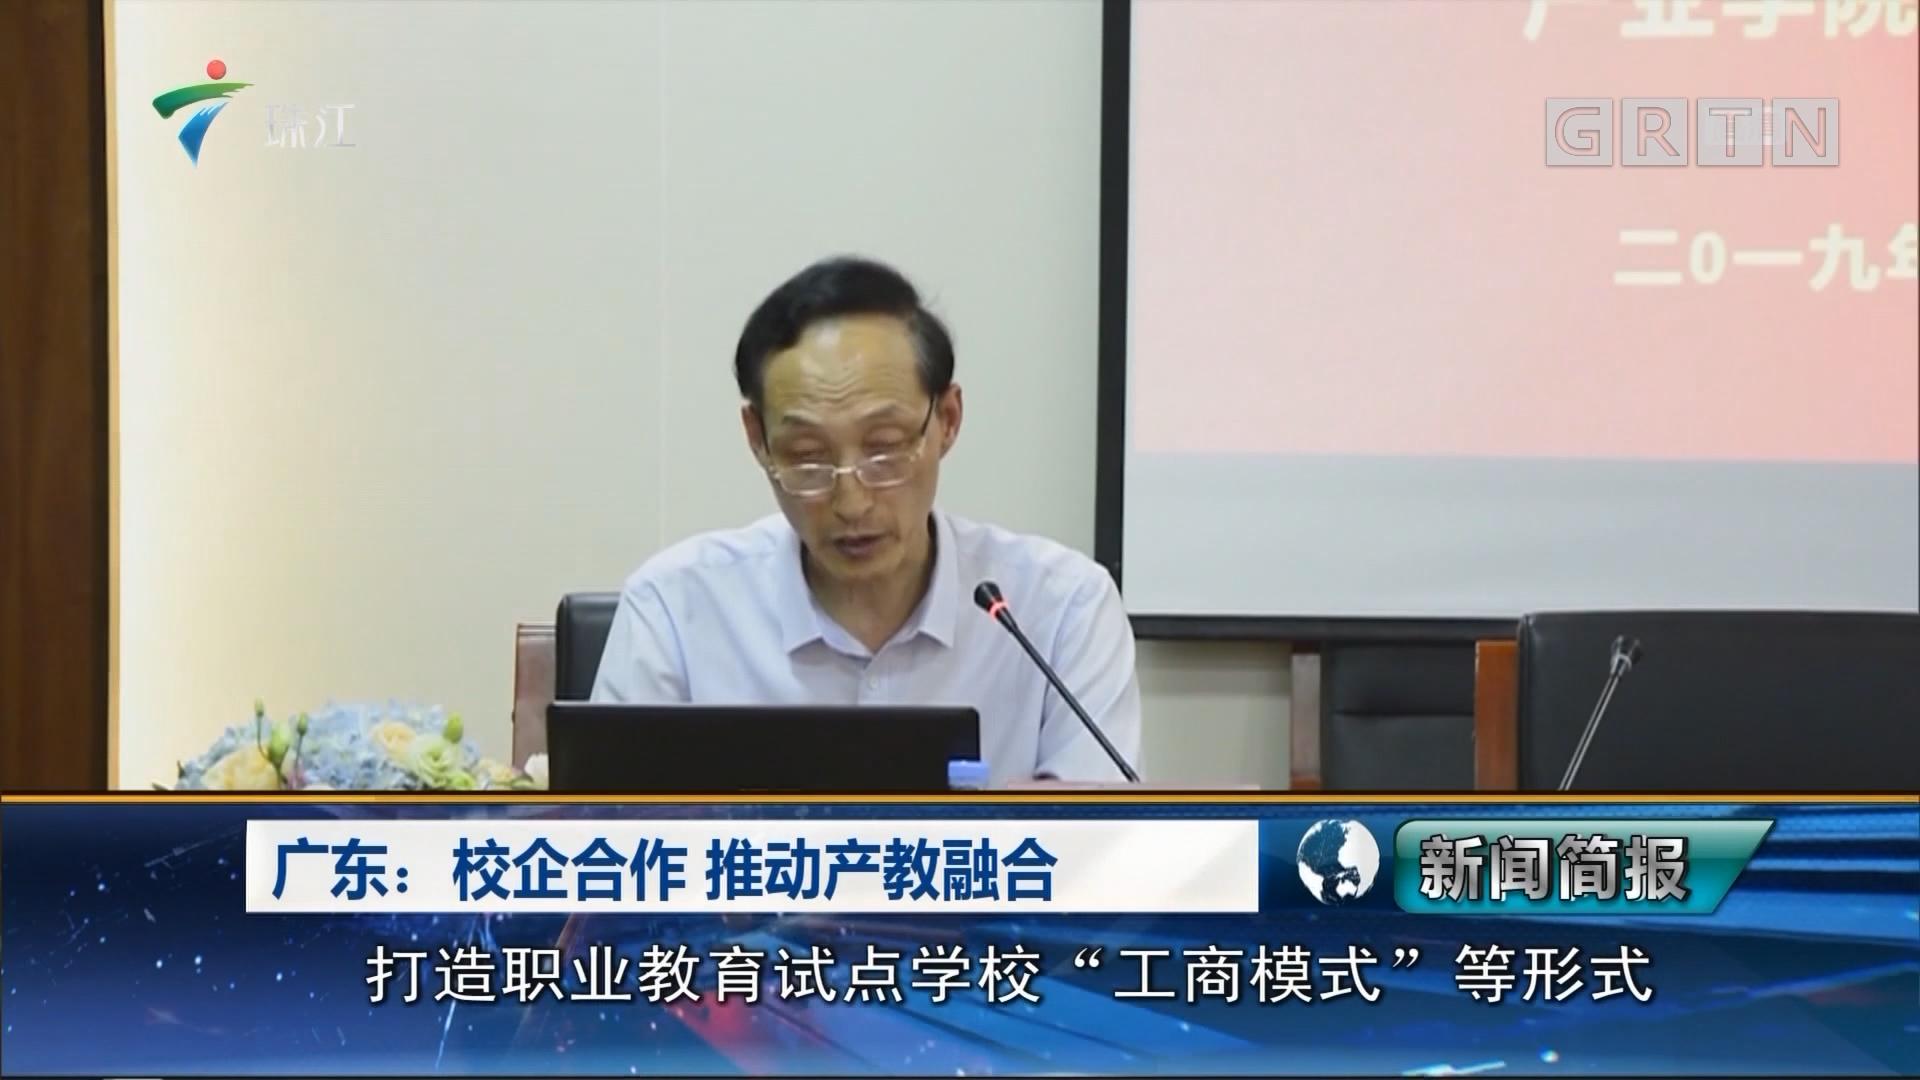 广东:校企合作 推动产教融合